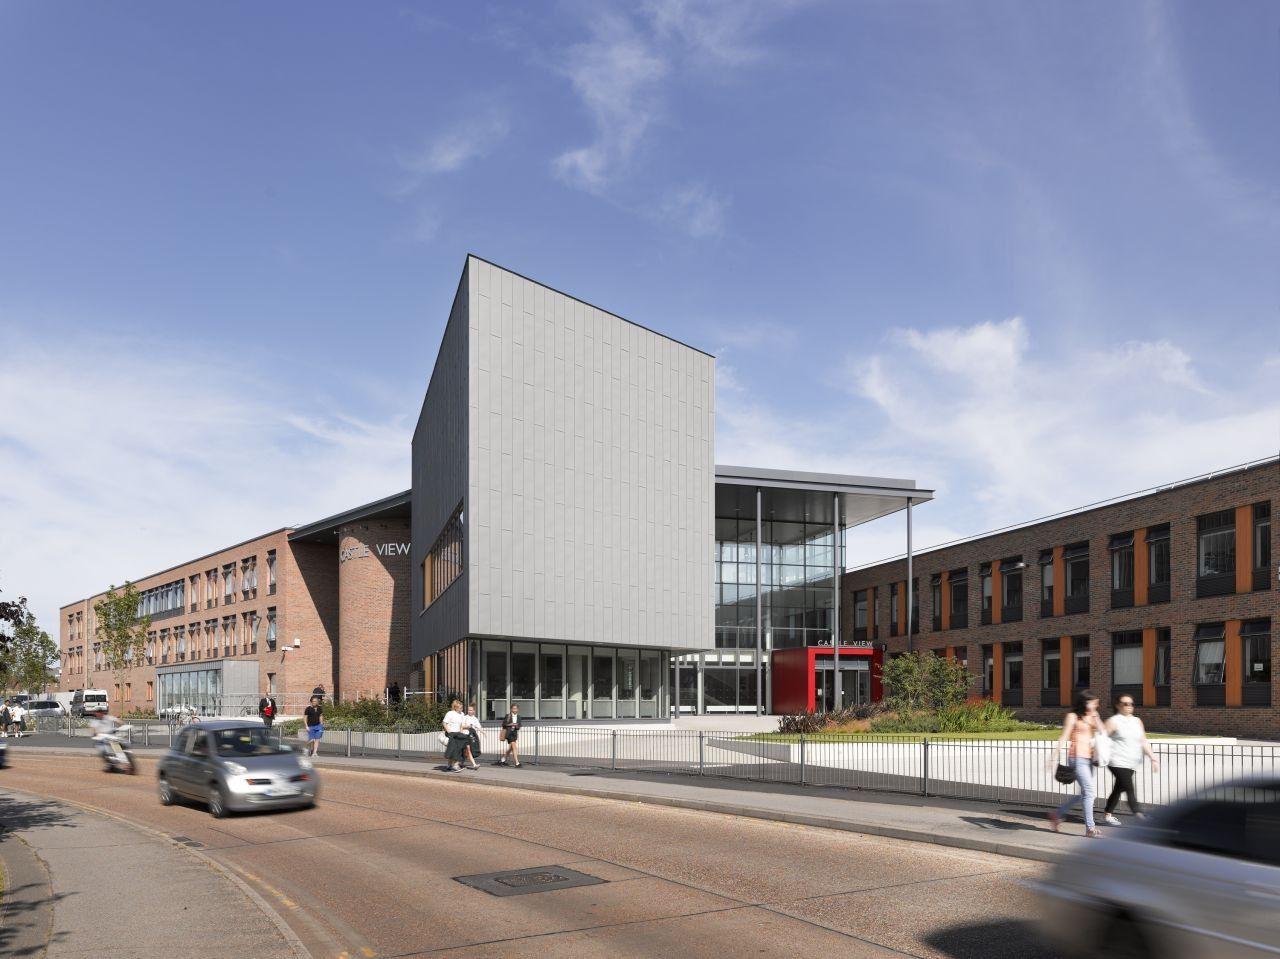 Castle View School Nicholas Hare Architects Architect School Building Design School Architecture